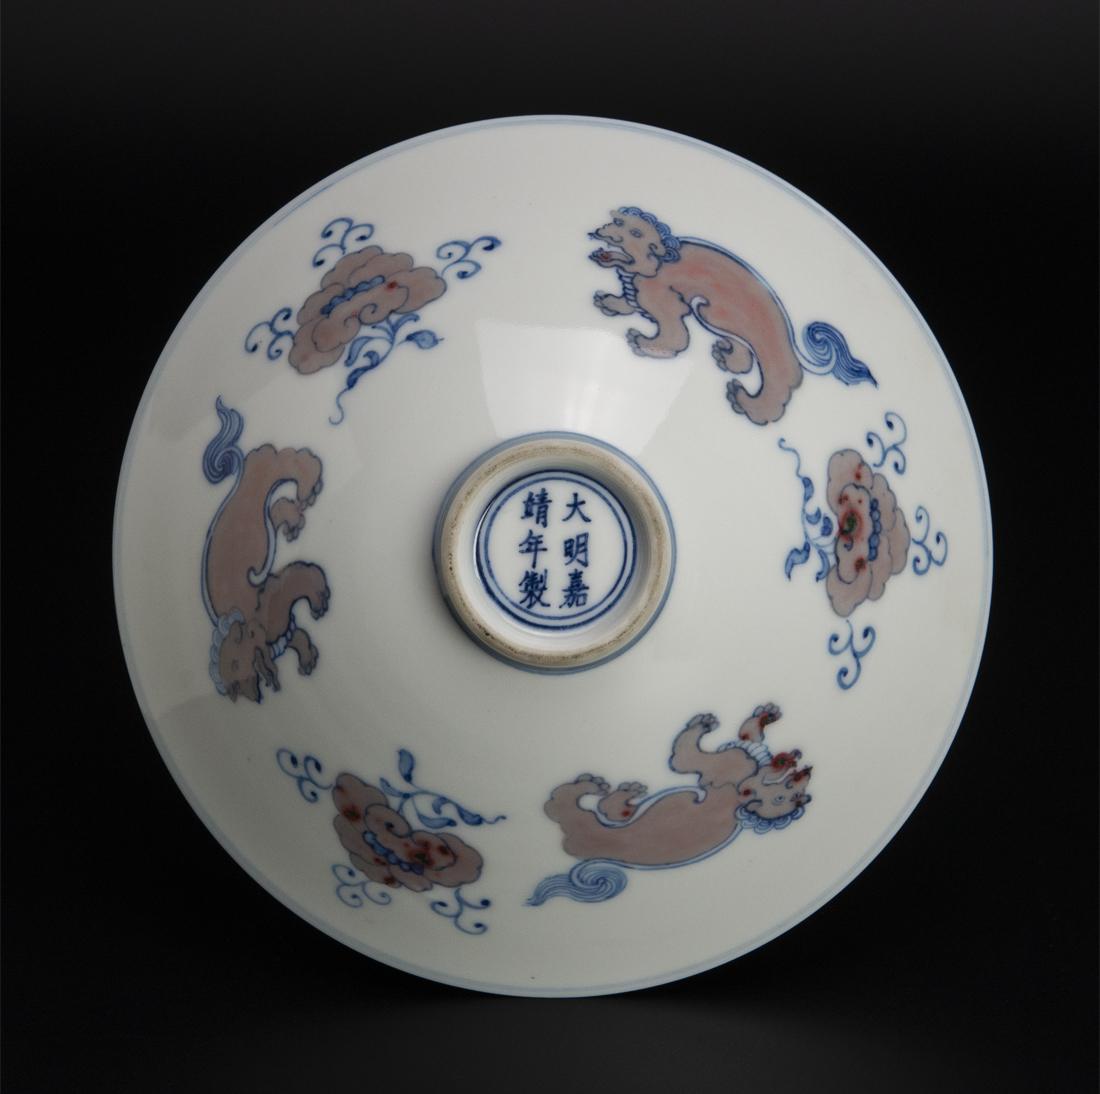 清 青花釉裏紅獅紋碗 大明嘉靖年制款 一対 共箱 清 青花釉里红狮纹碗 一对 共箱 中国 古美術 唐物_画像3